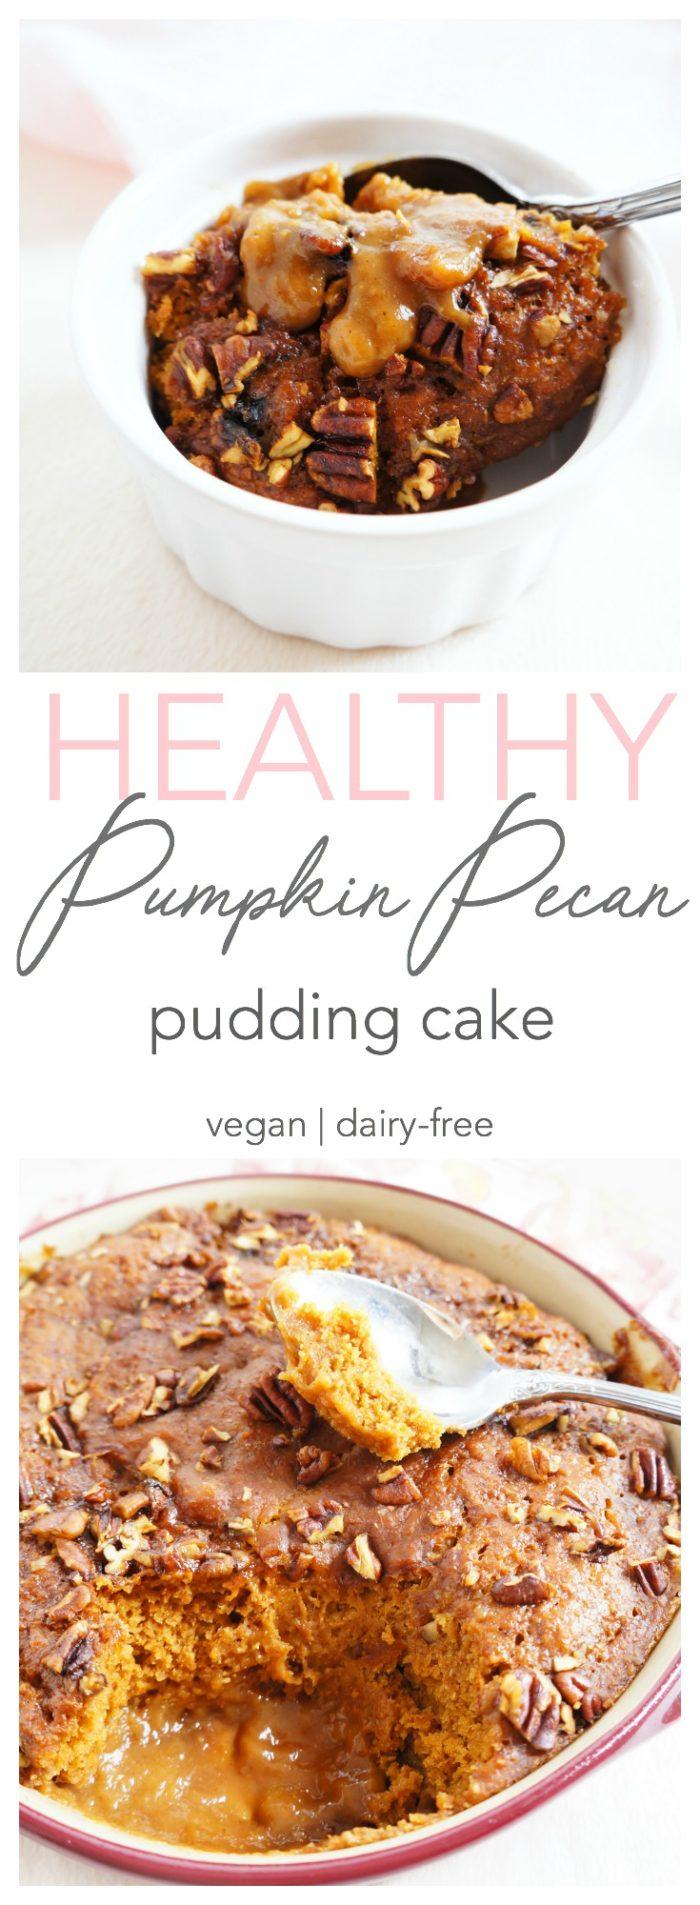 Vegan & Dairy-free Pumpkin Pecan Pudding Cake